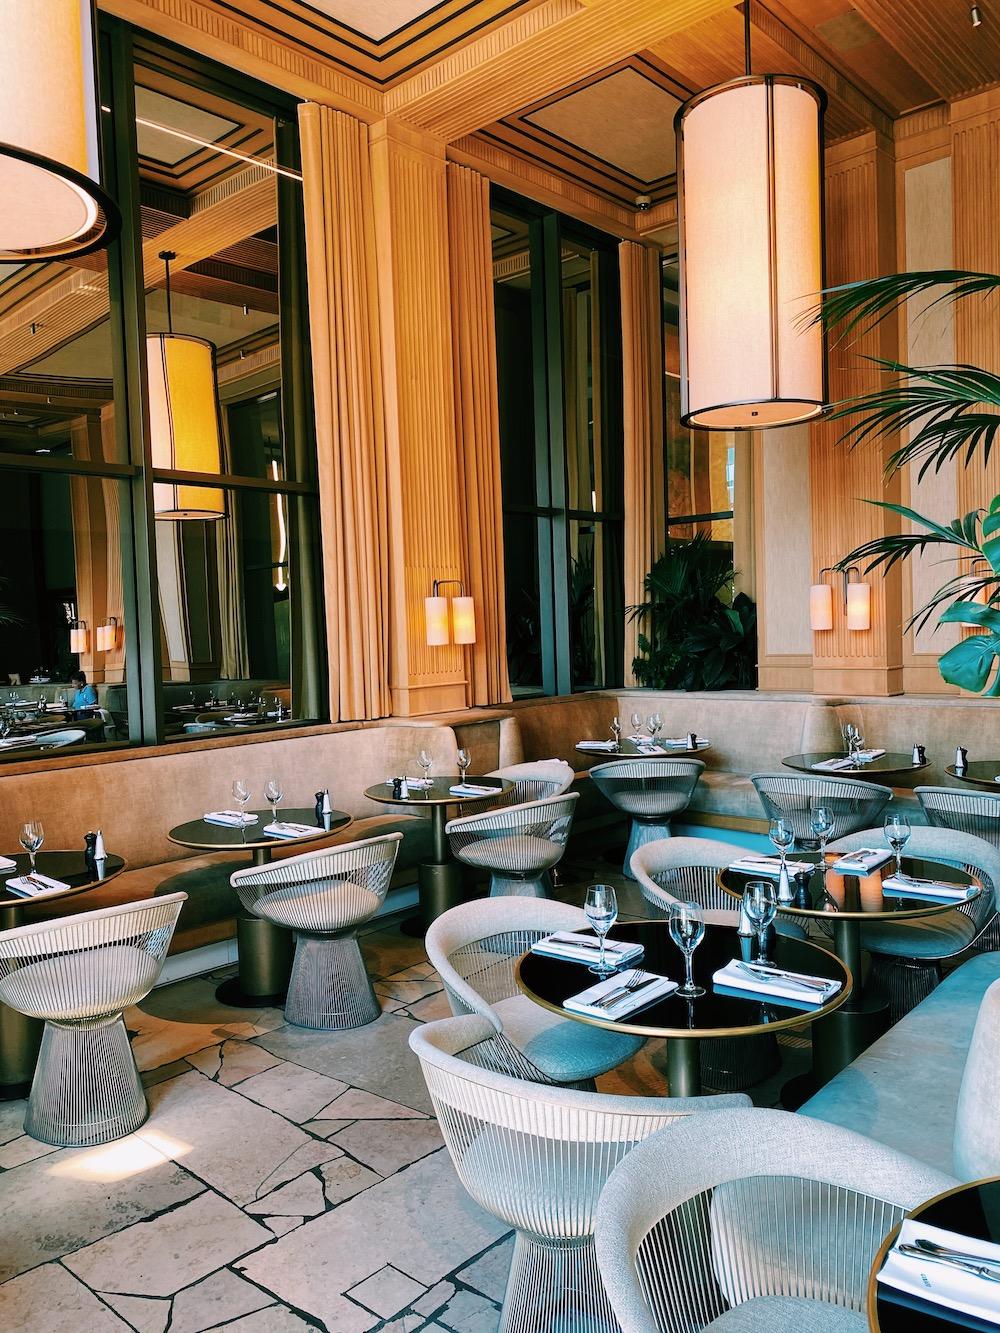 Woonatelier_Girafe-Paris-Restaurant